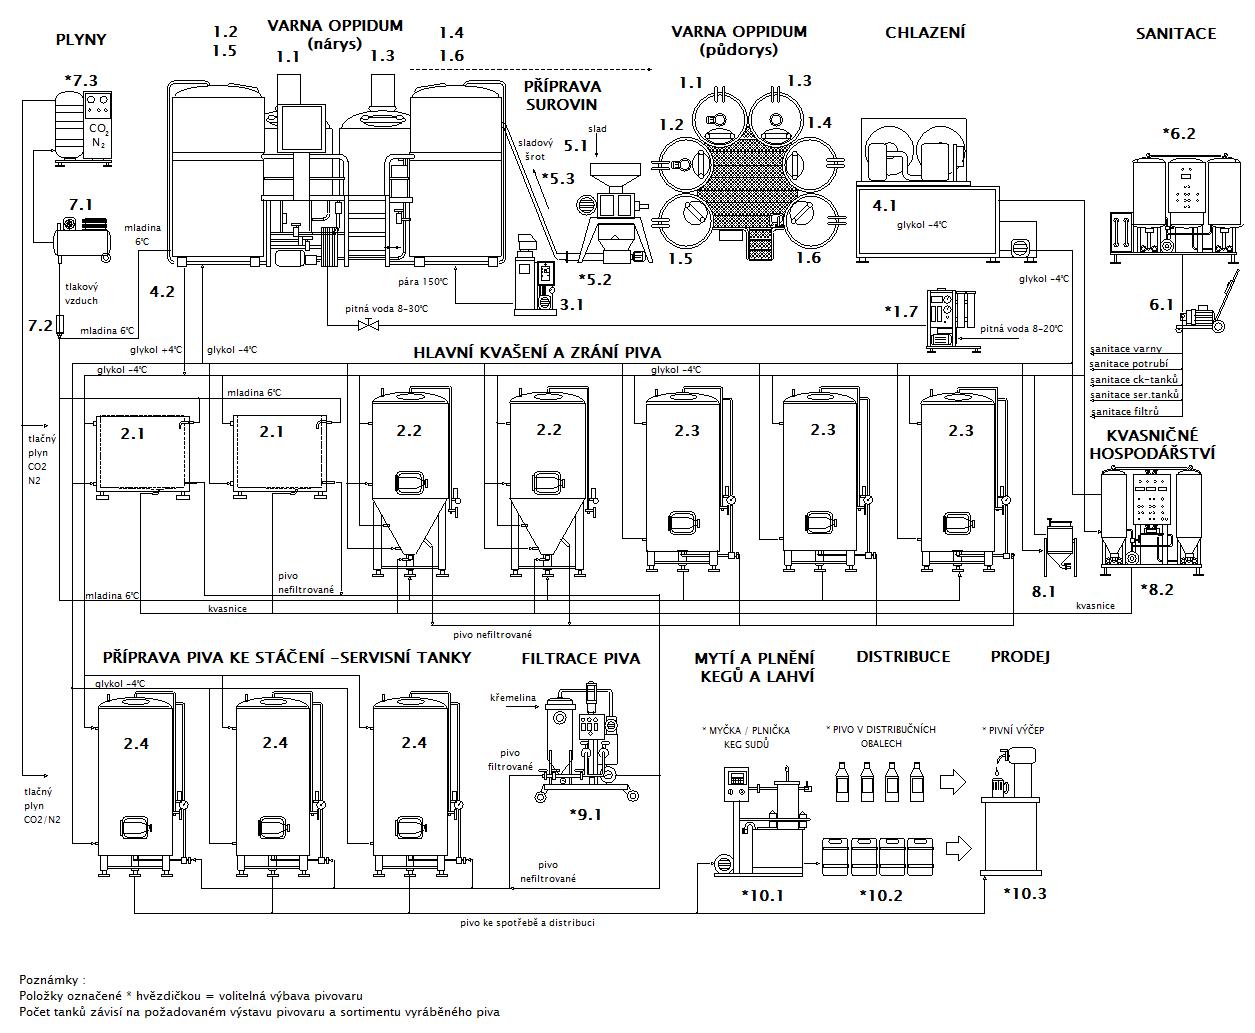 Blokové schéma pivovaru Breworx Oppidum